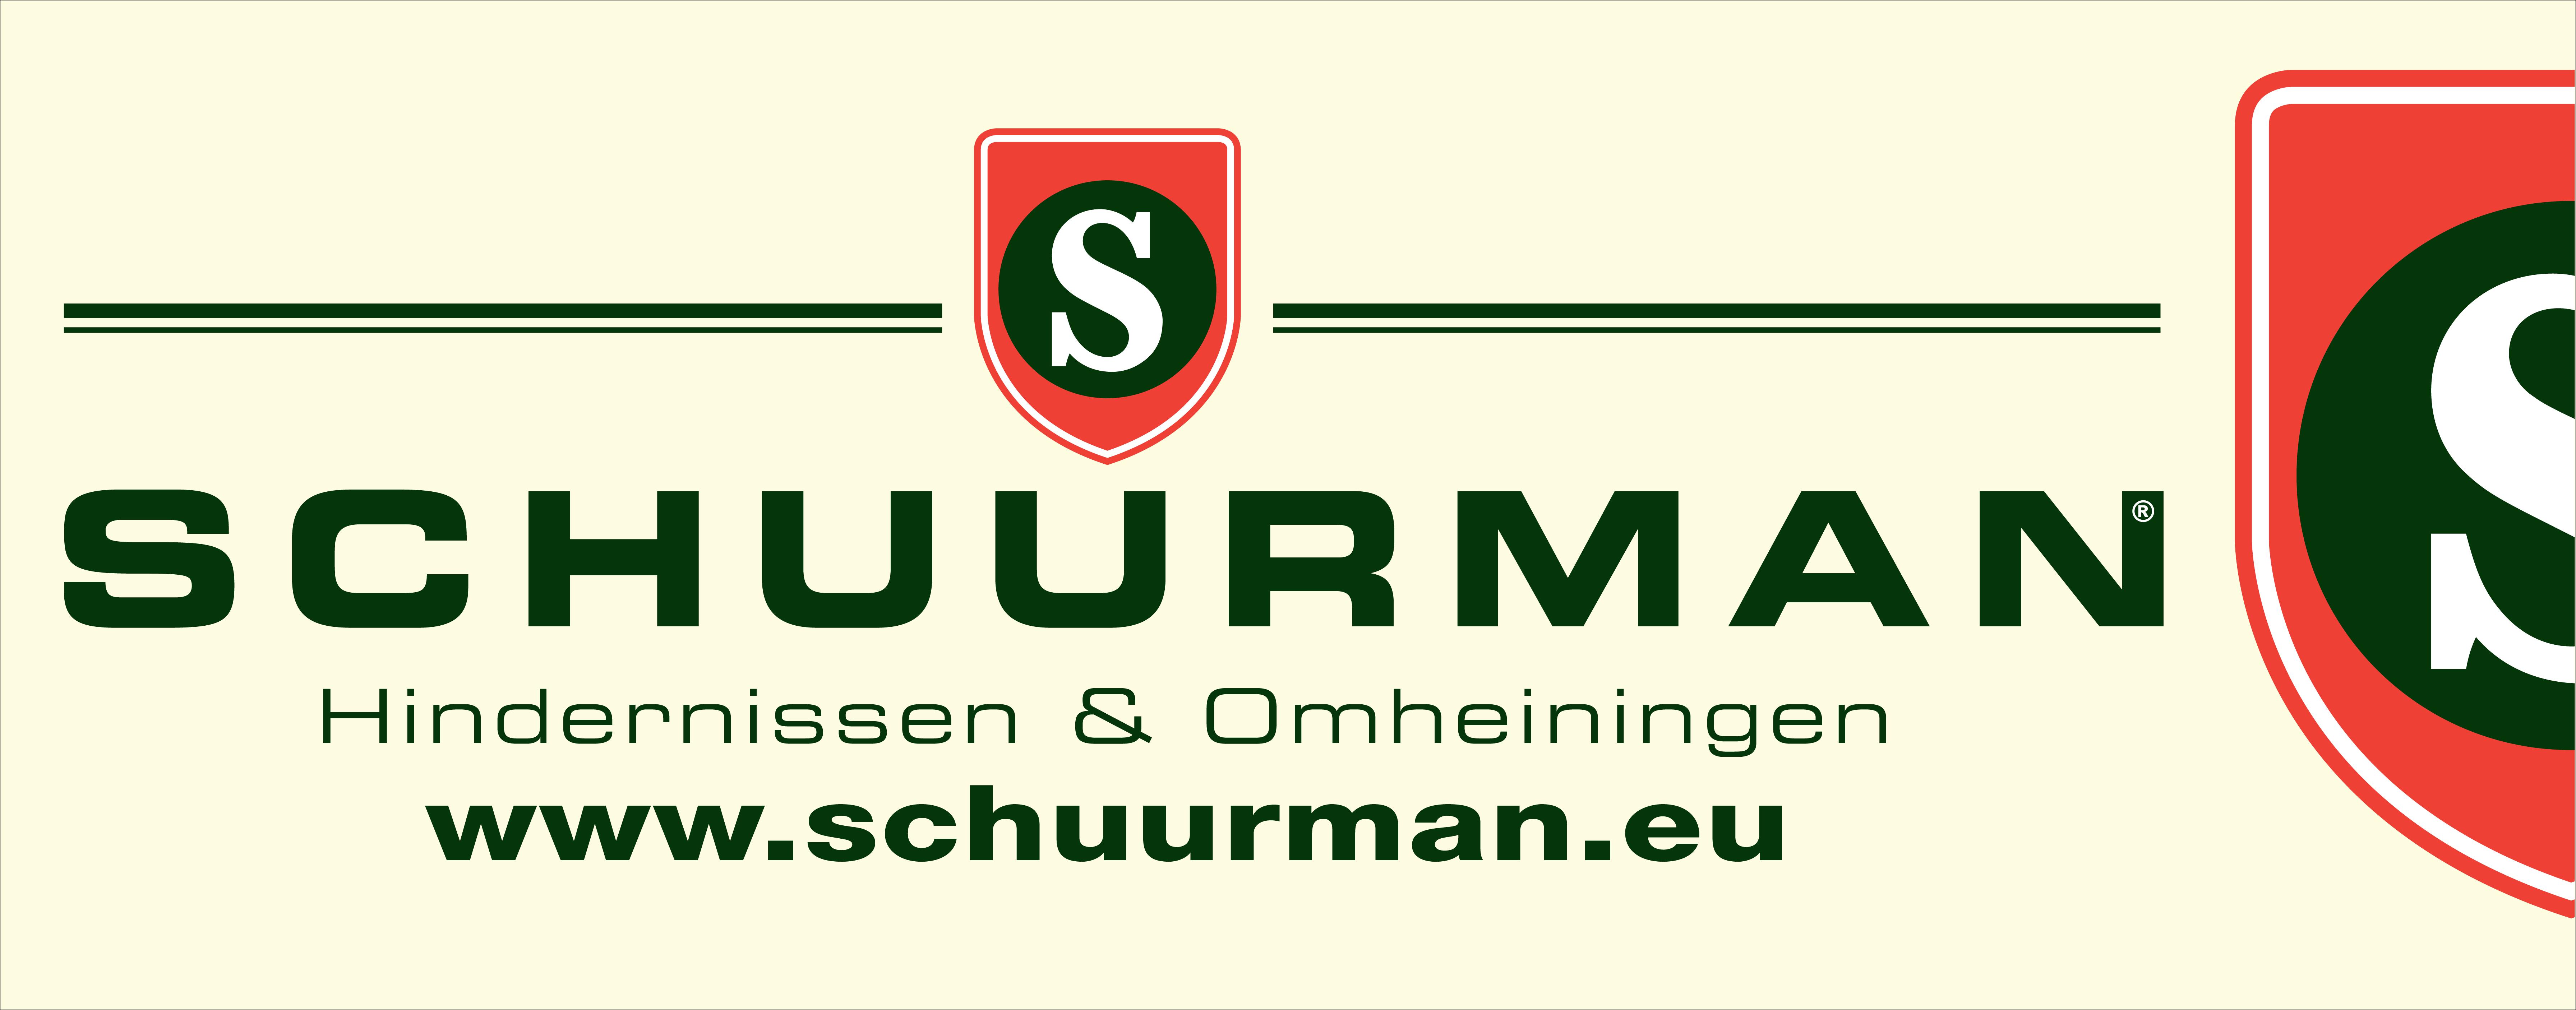 38xxx_Schuurman logo aanhanger